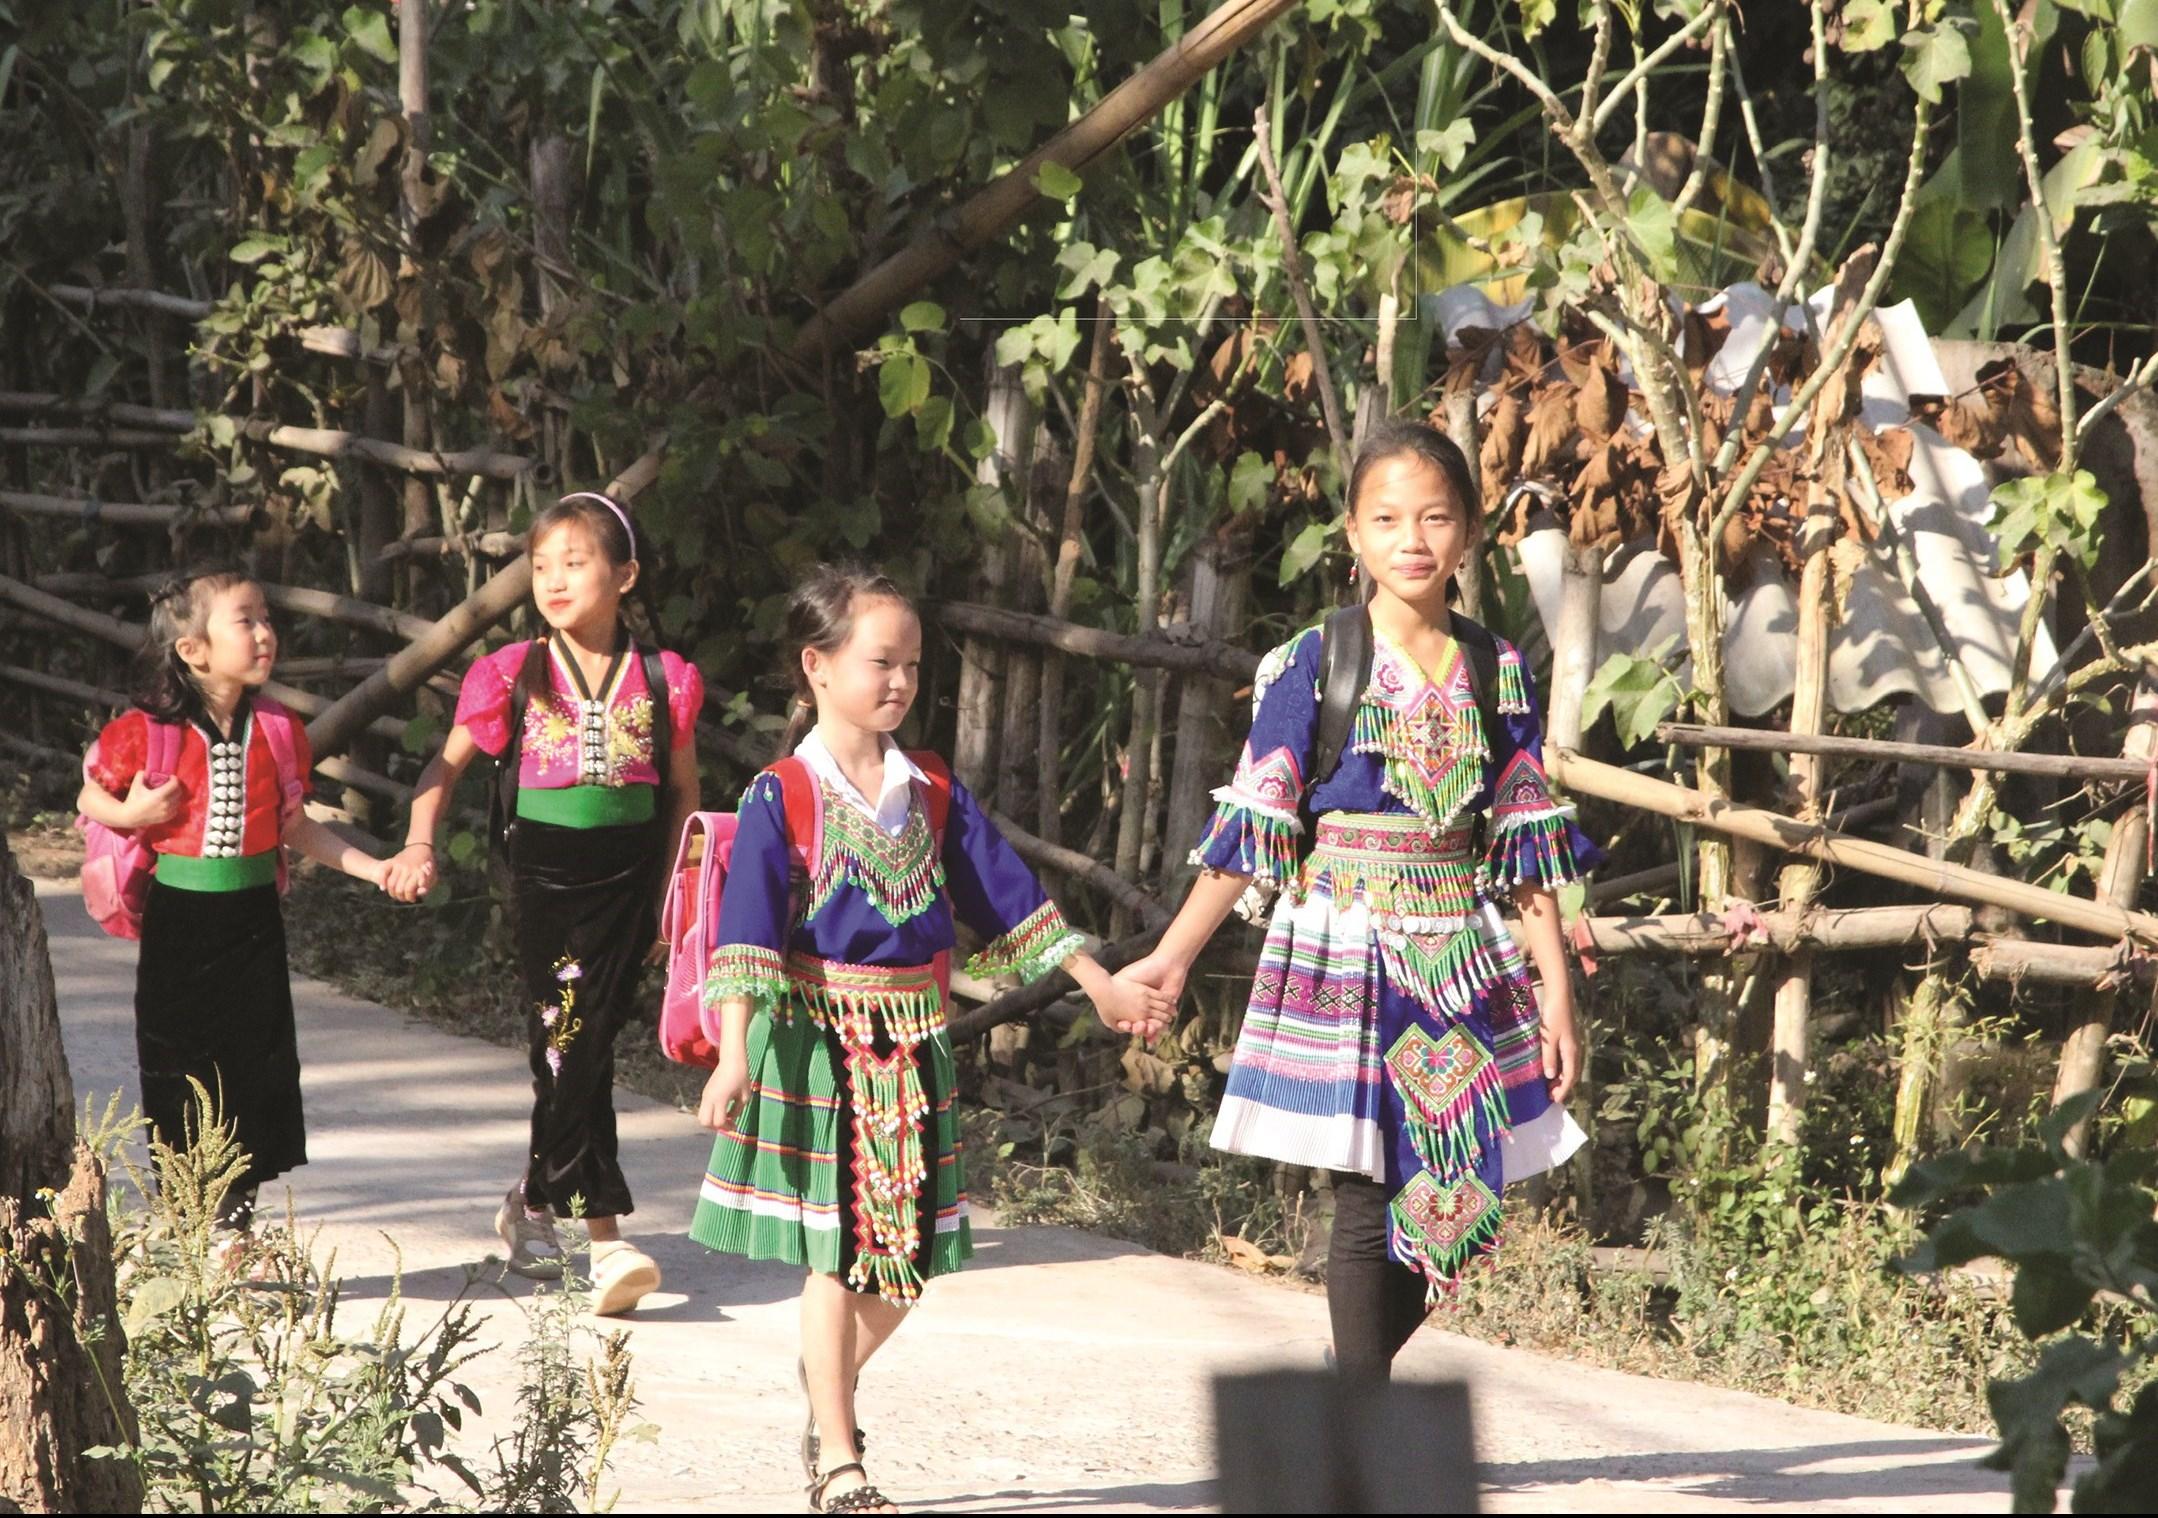 Chính sách về giáo dục-đào tạo là một chính sách quan trọng để nâng cao dân trí và đời sống vật chất, tinh thần cho đồng bào các dân tộc thiểu số tại Việt Nam. - Ảnh: Báo Biên phòng